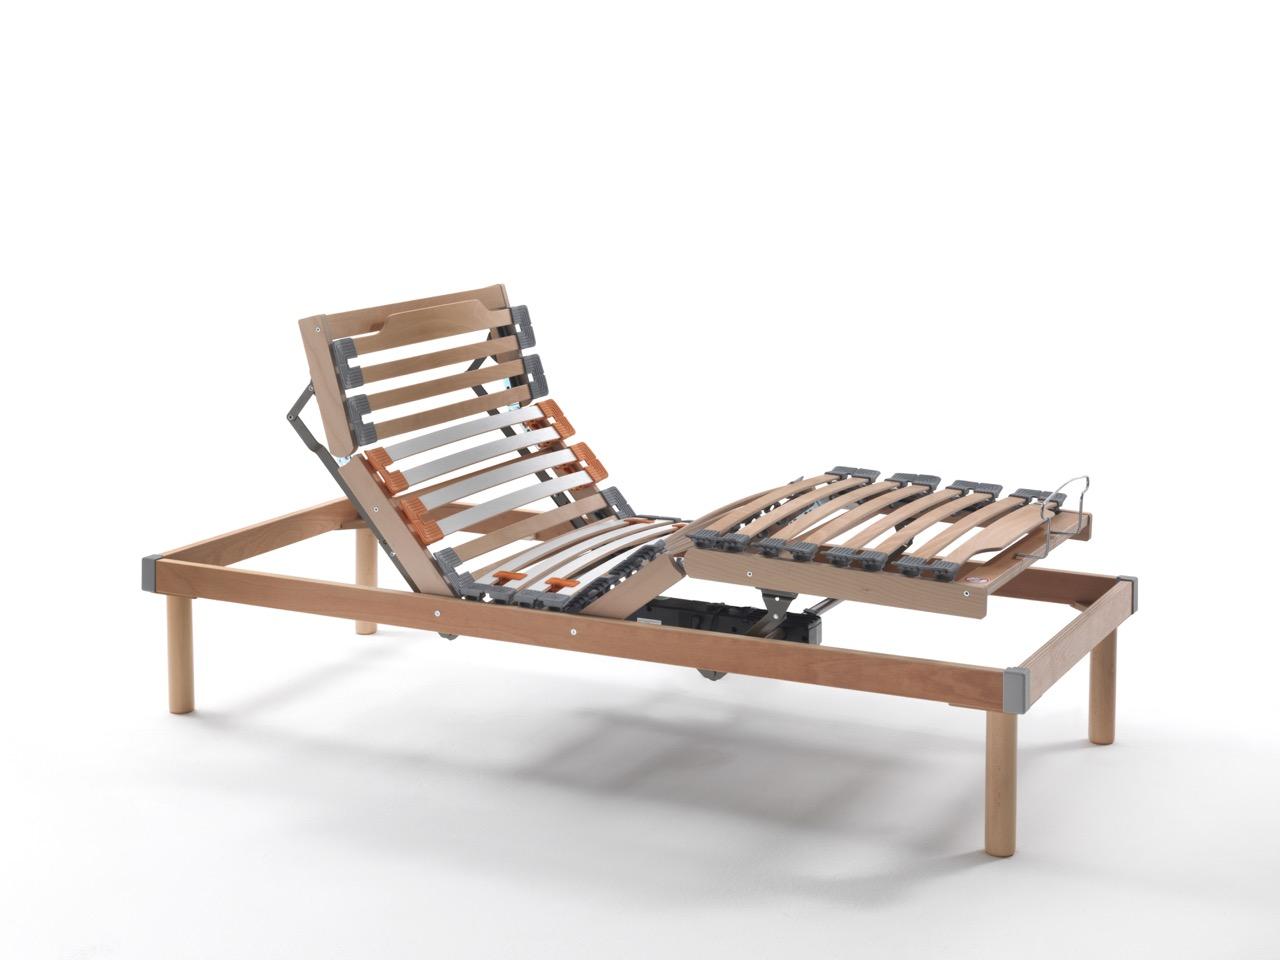 Reti da letto reti a doghe legno motorizzate reti ergonomiche